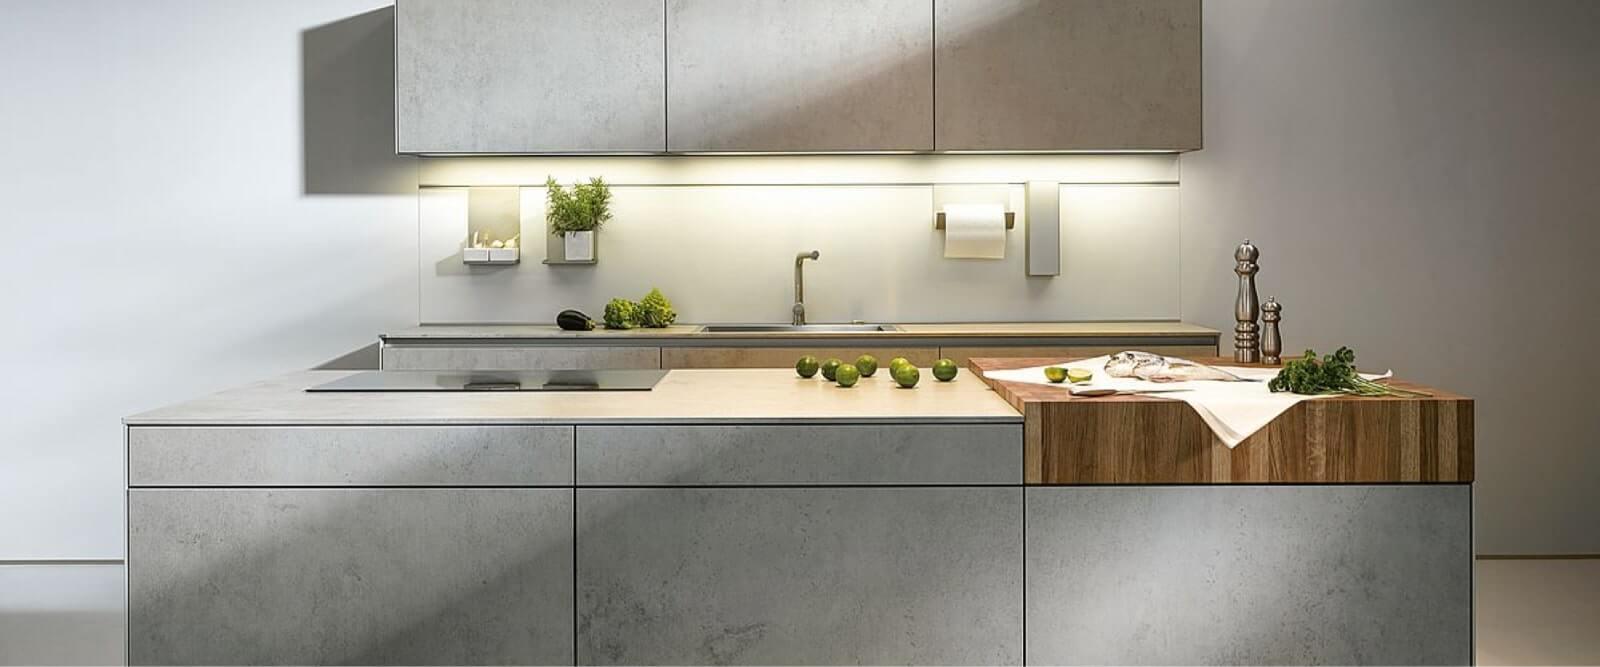 NEXT19: Next19 Küchen vergleichen + Next19 Küche planen mit